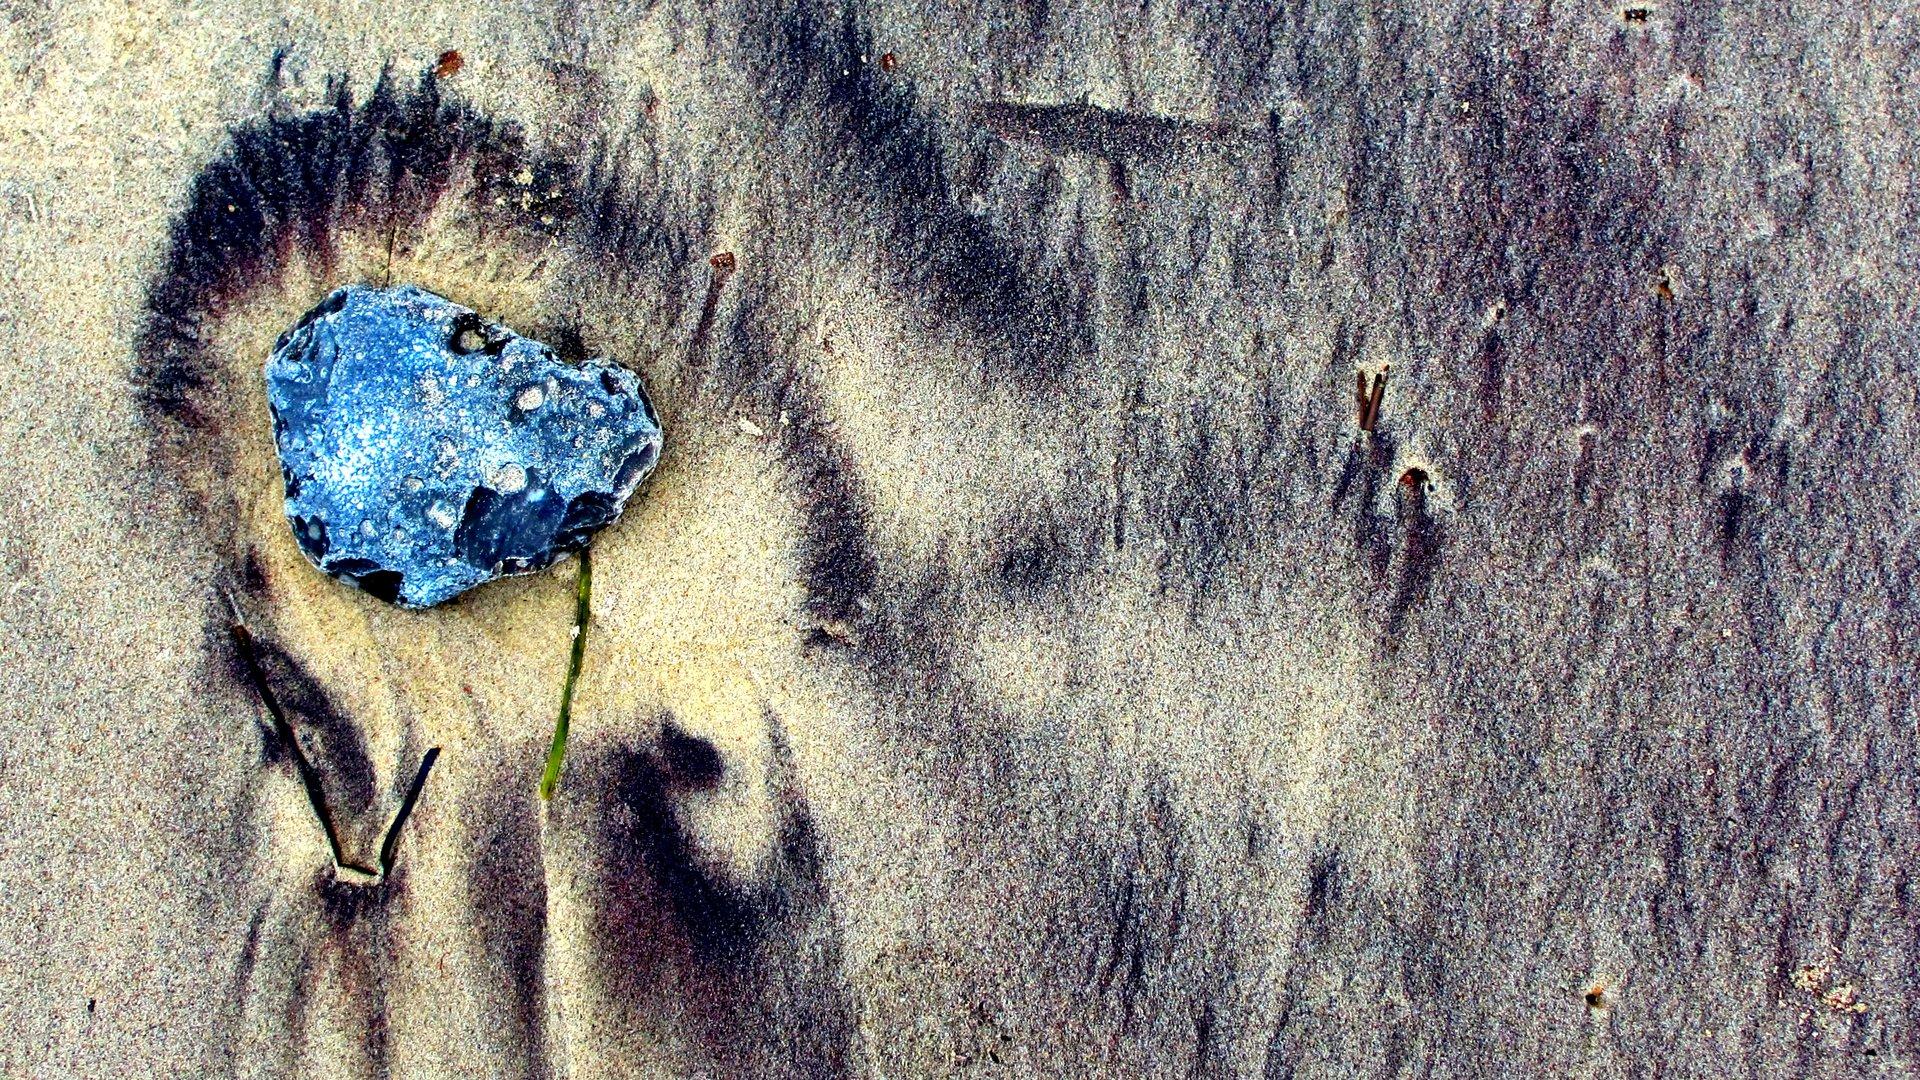 Stein im Sand.